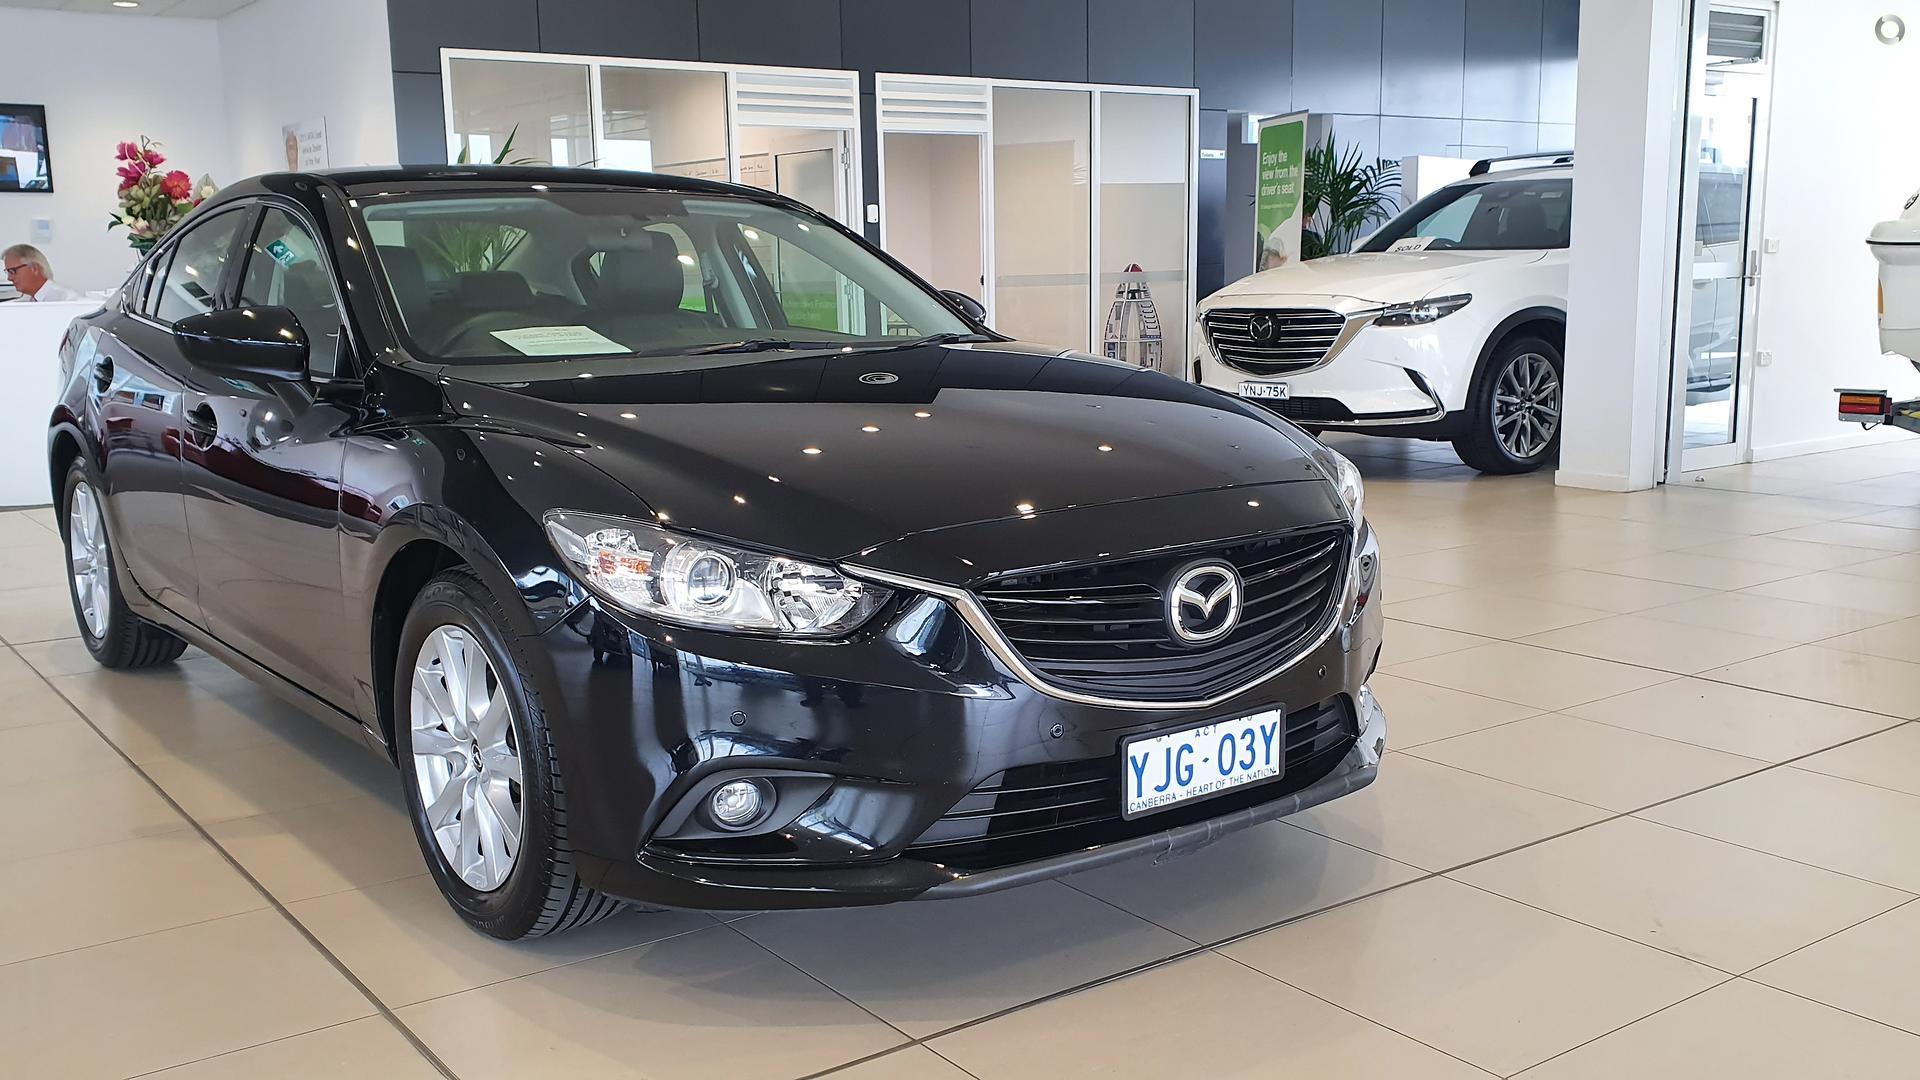 2013 Mazda 6 Touring GJ